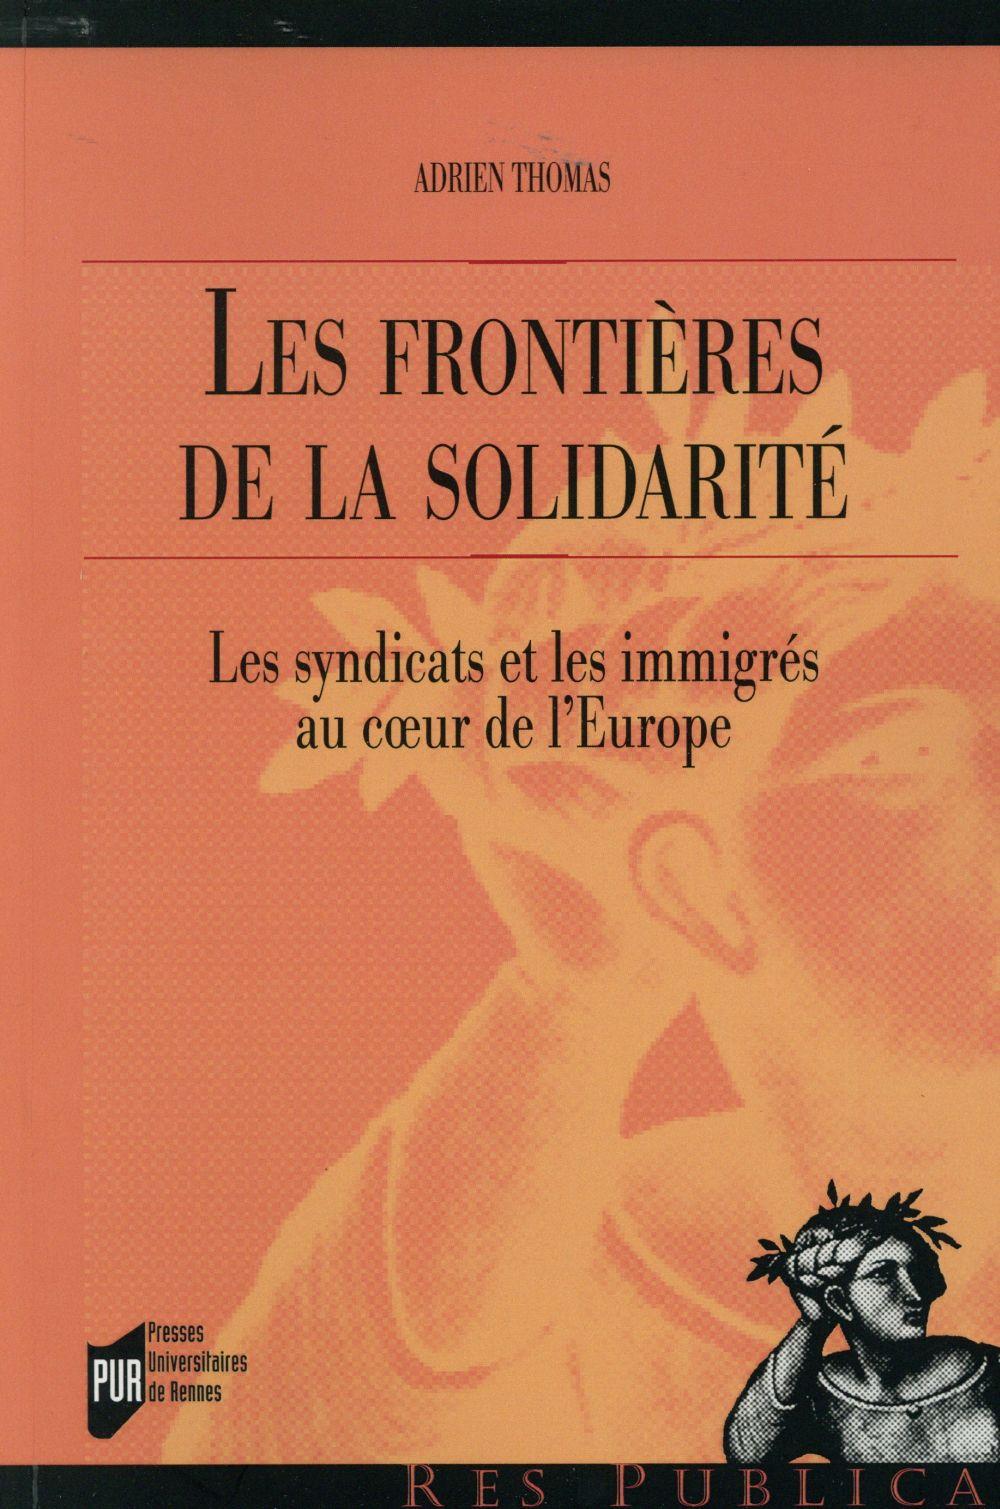 Les frontières de la solidarité ; les syndicats et les immigrés au coeur de l'Europe